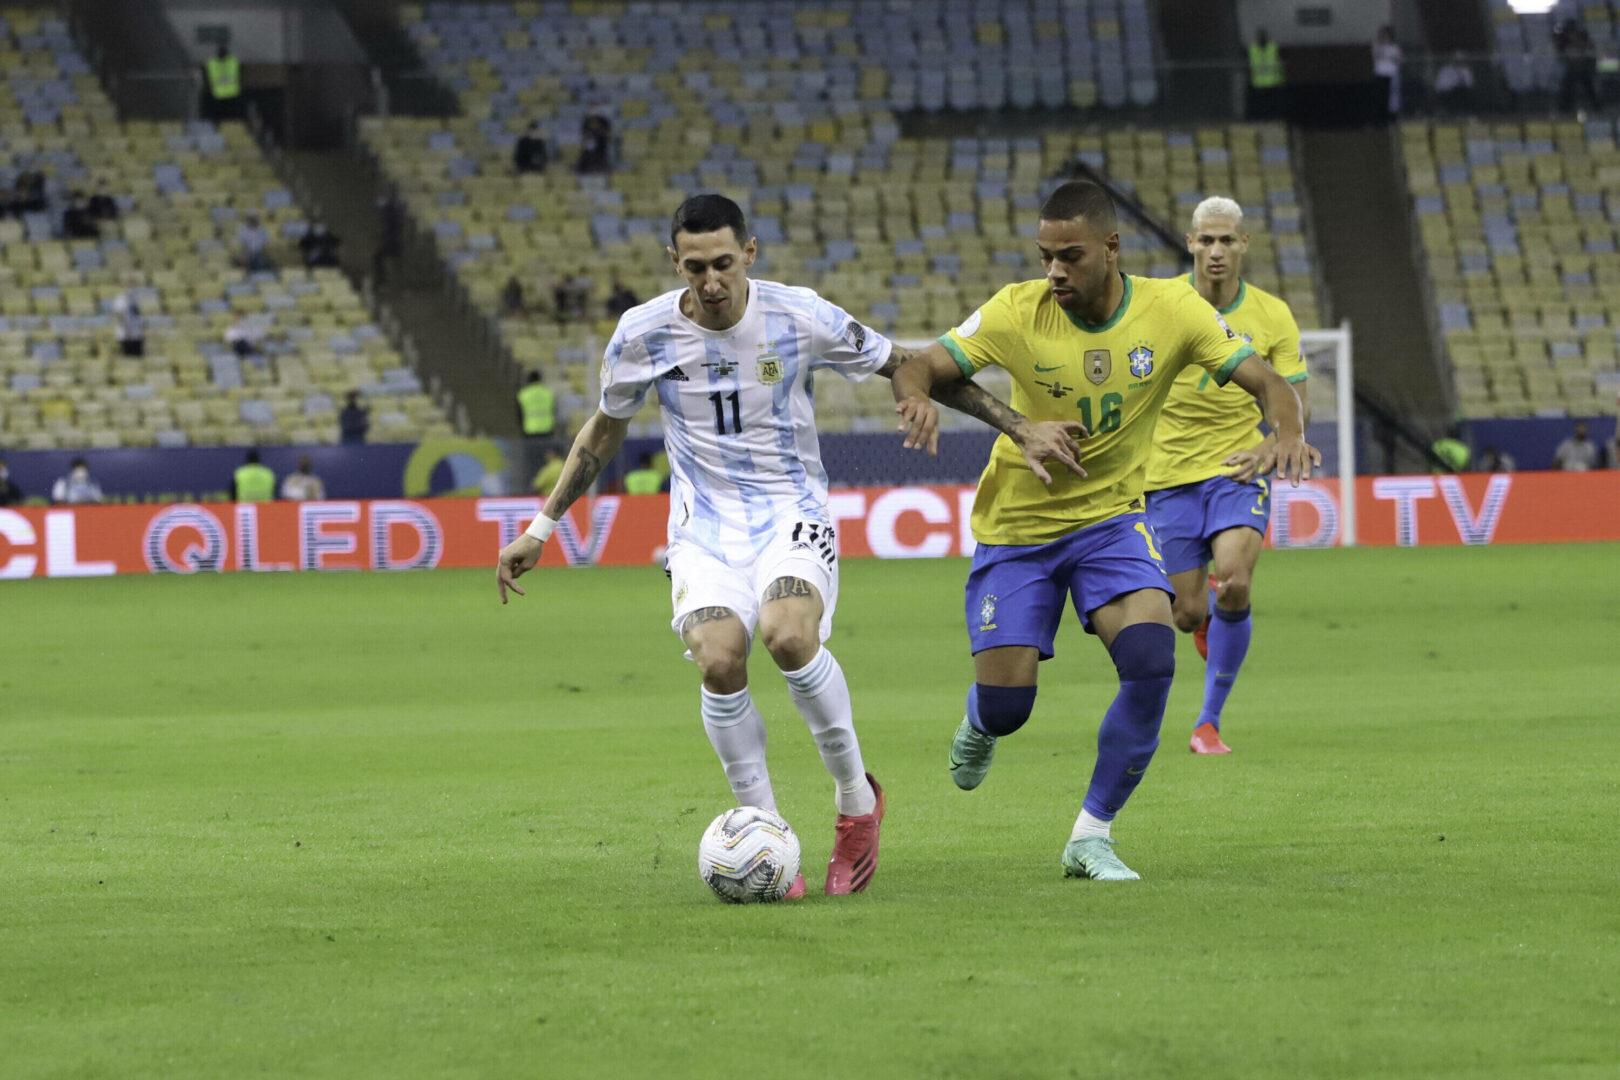 Abstellungspflicht für Länderspiele sorgt für Streit zwischen FIFA und Ligen